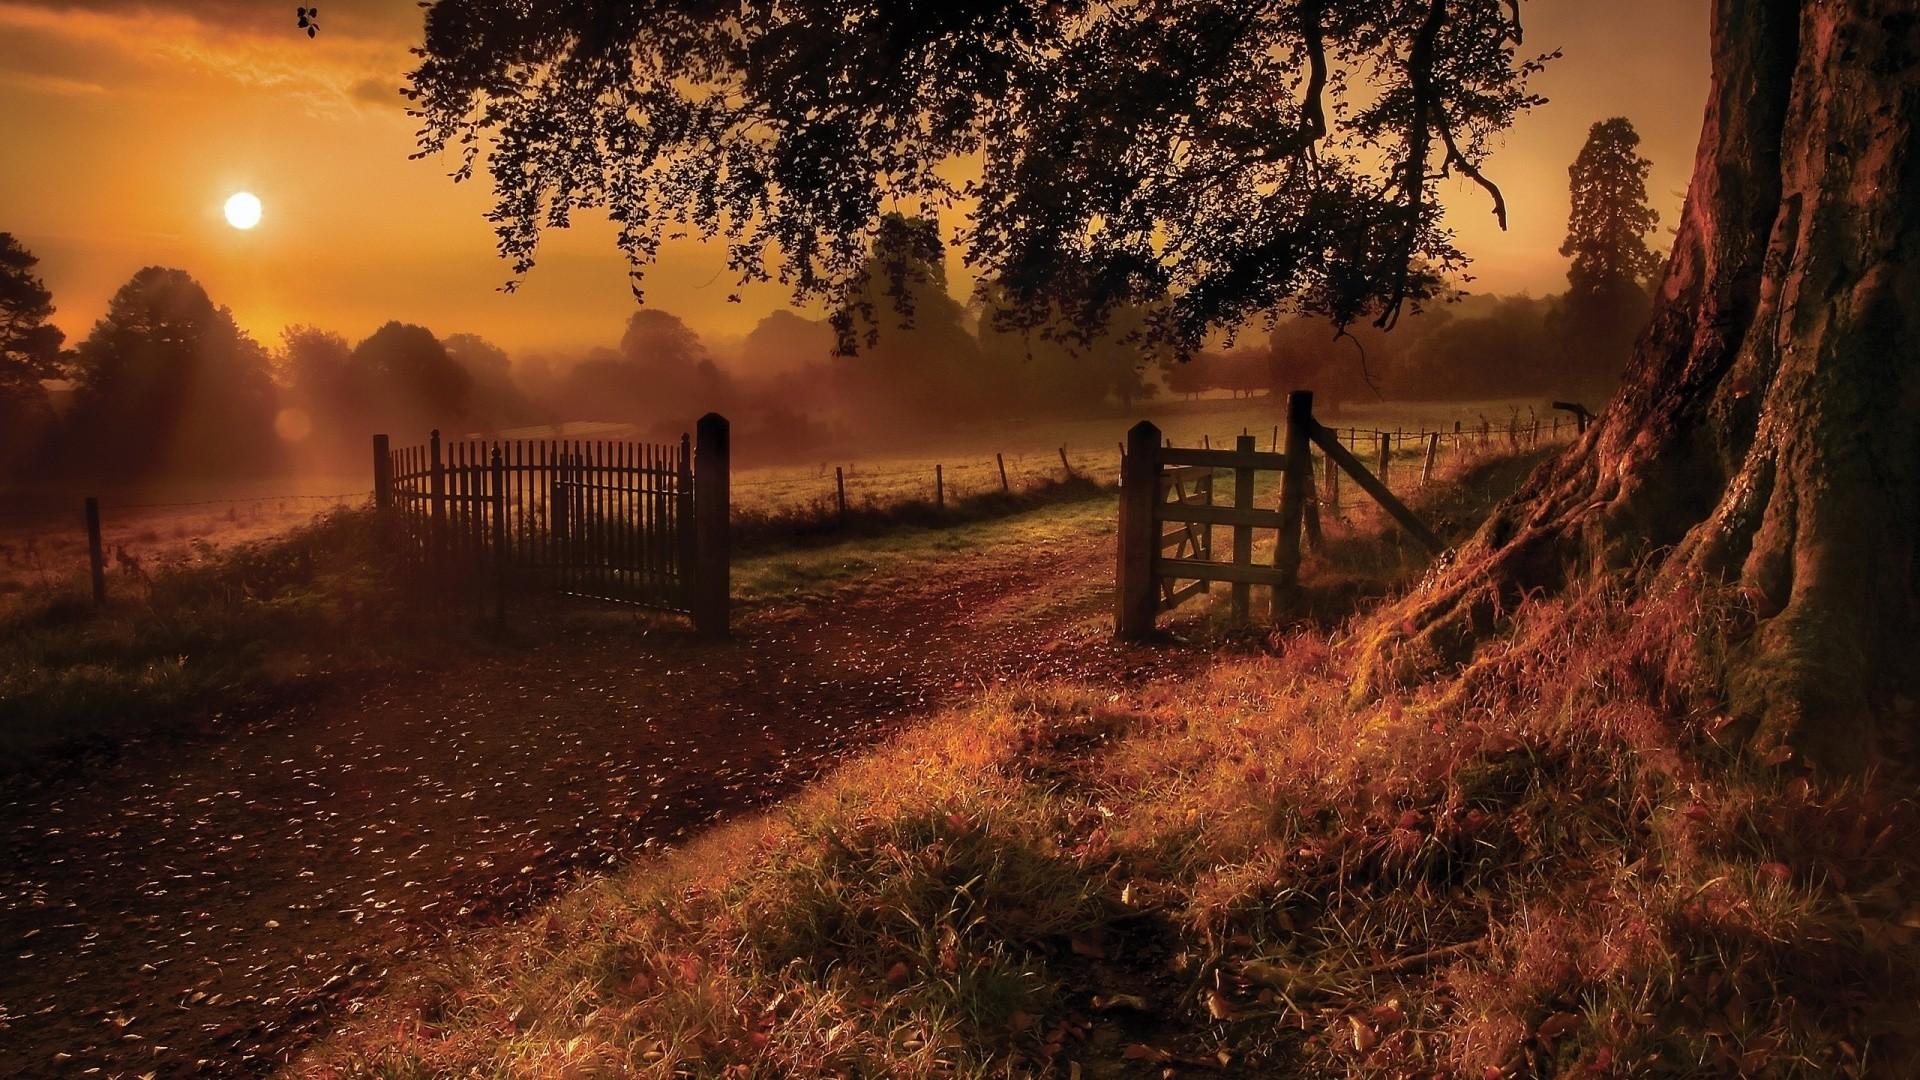 Autumn Wallpaper HD · Autumn Wallpaper